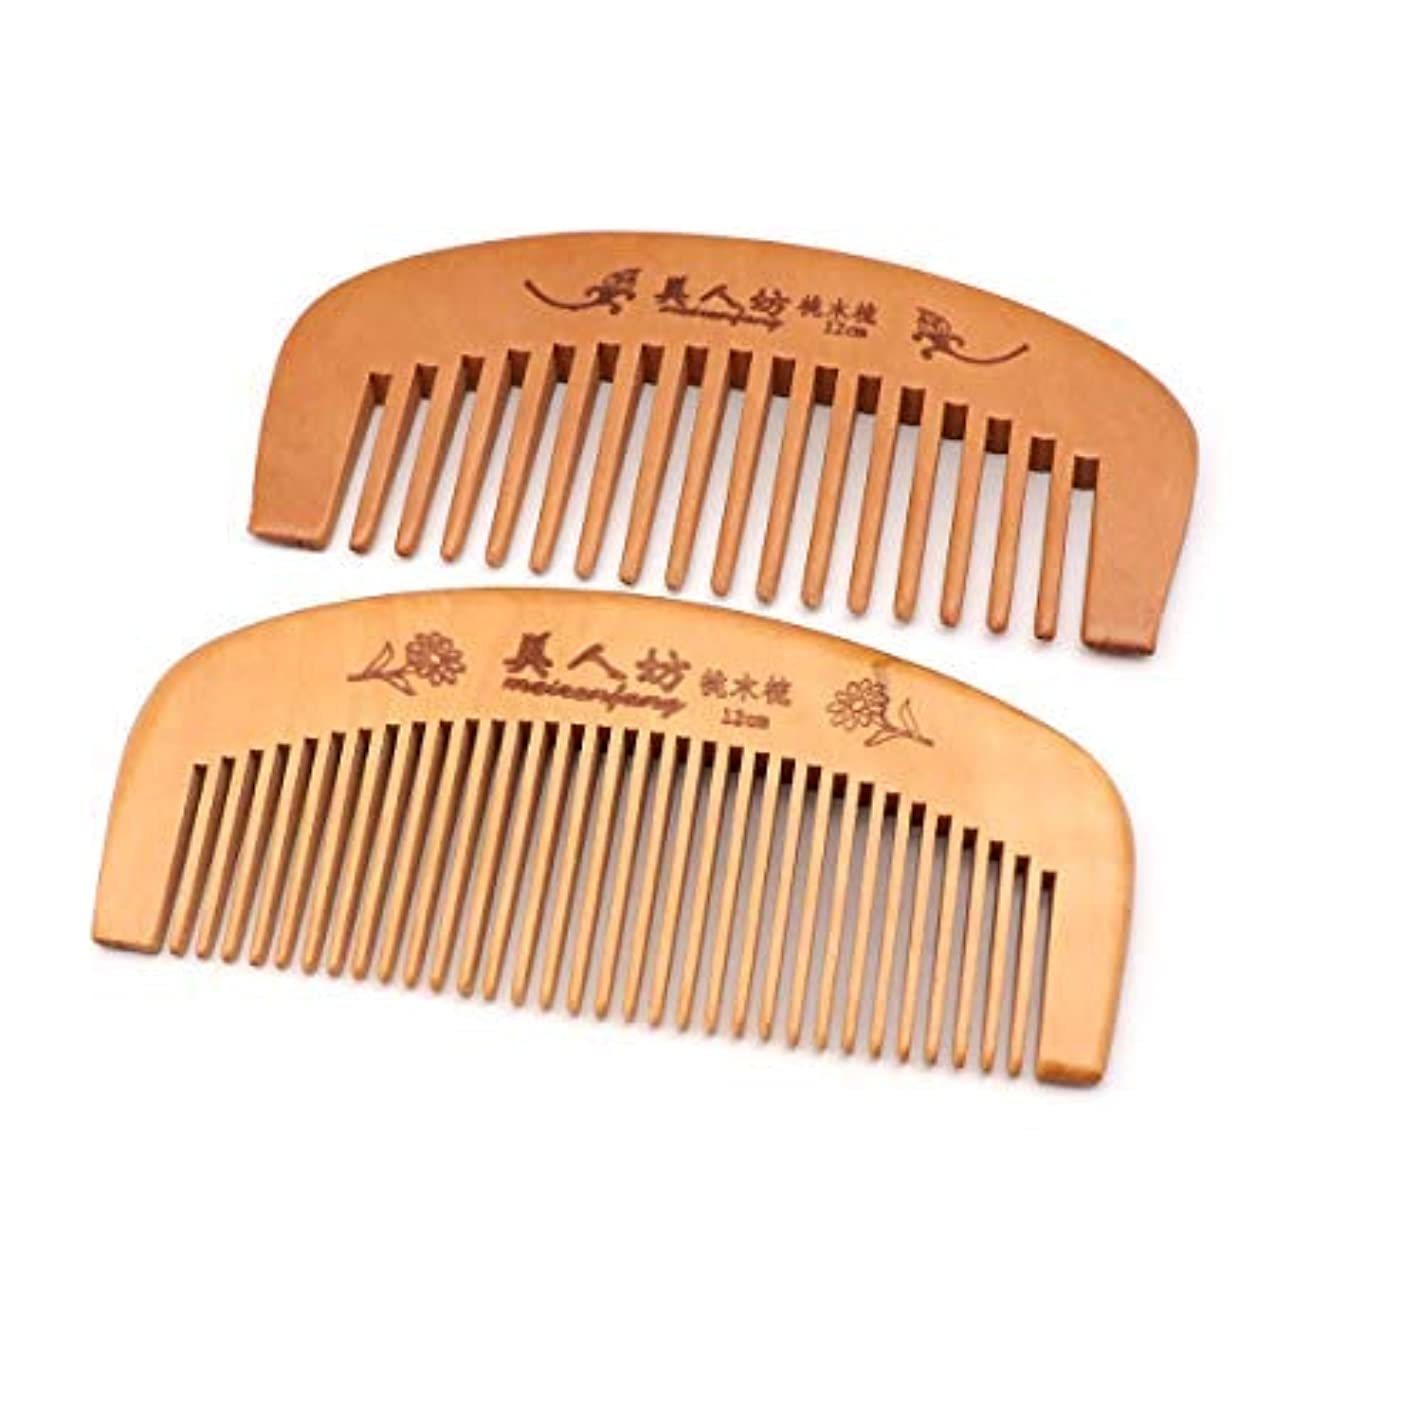 装置からに変化するニンニクHandmade Wooden Hair Comb for Curly Wide Toothed Wooden Comb, anti-Static and Barrier-free Hand Brushing Beard...